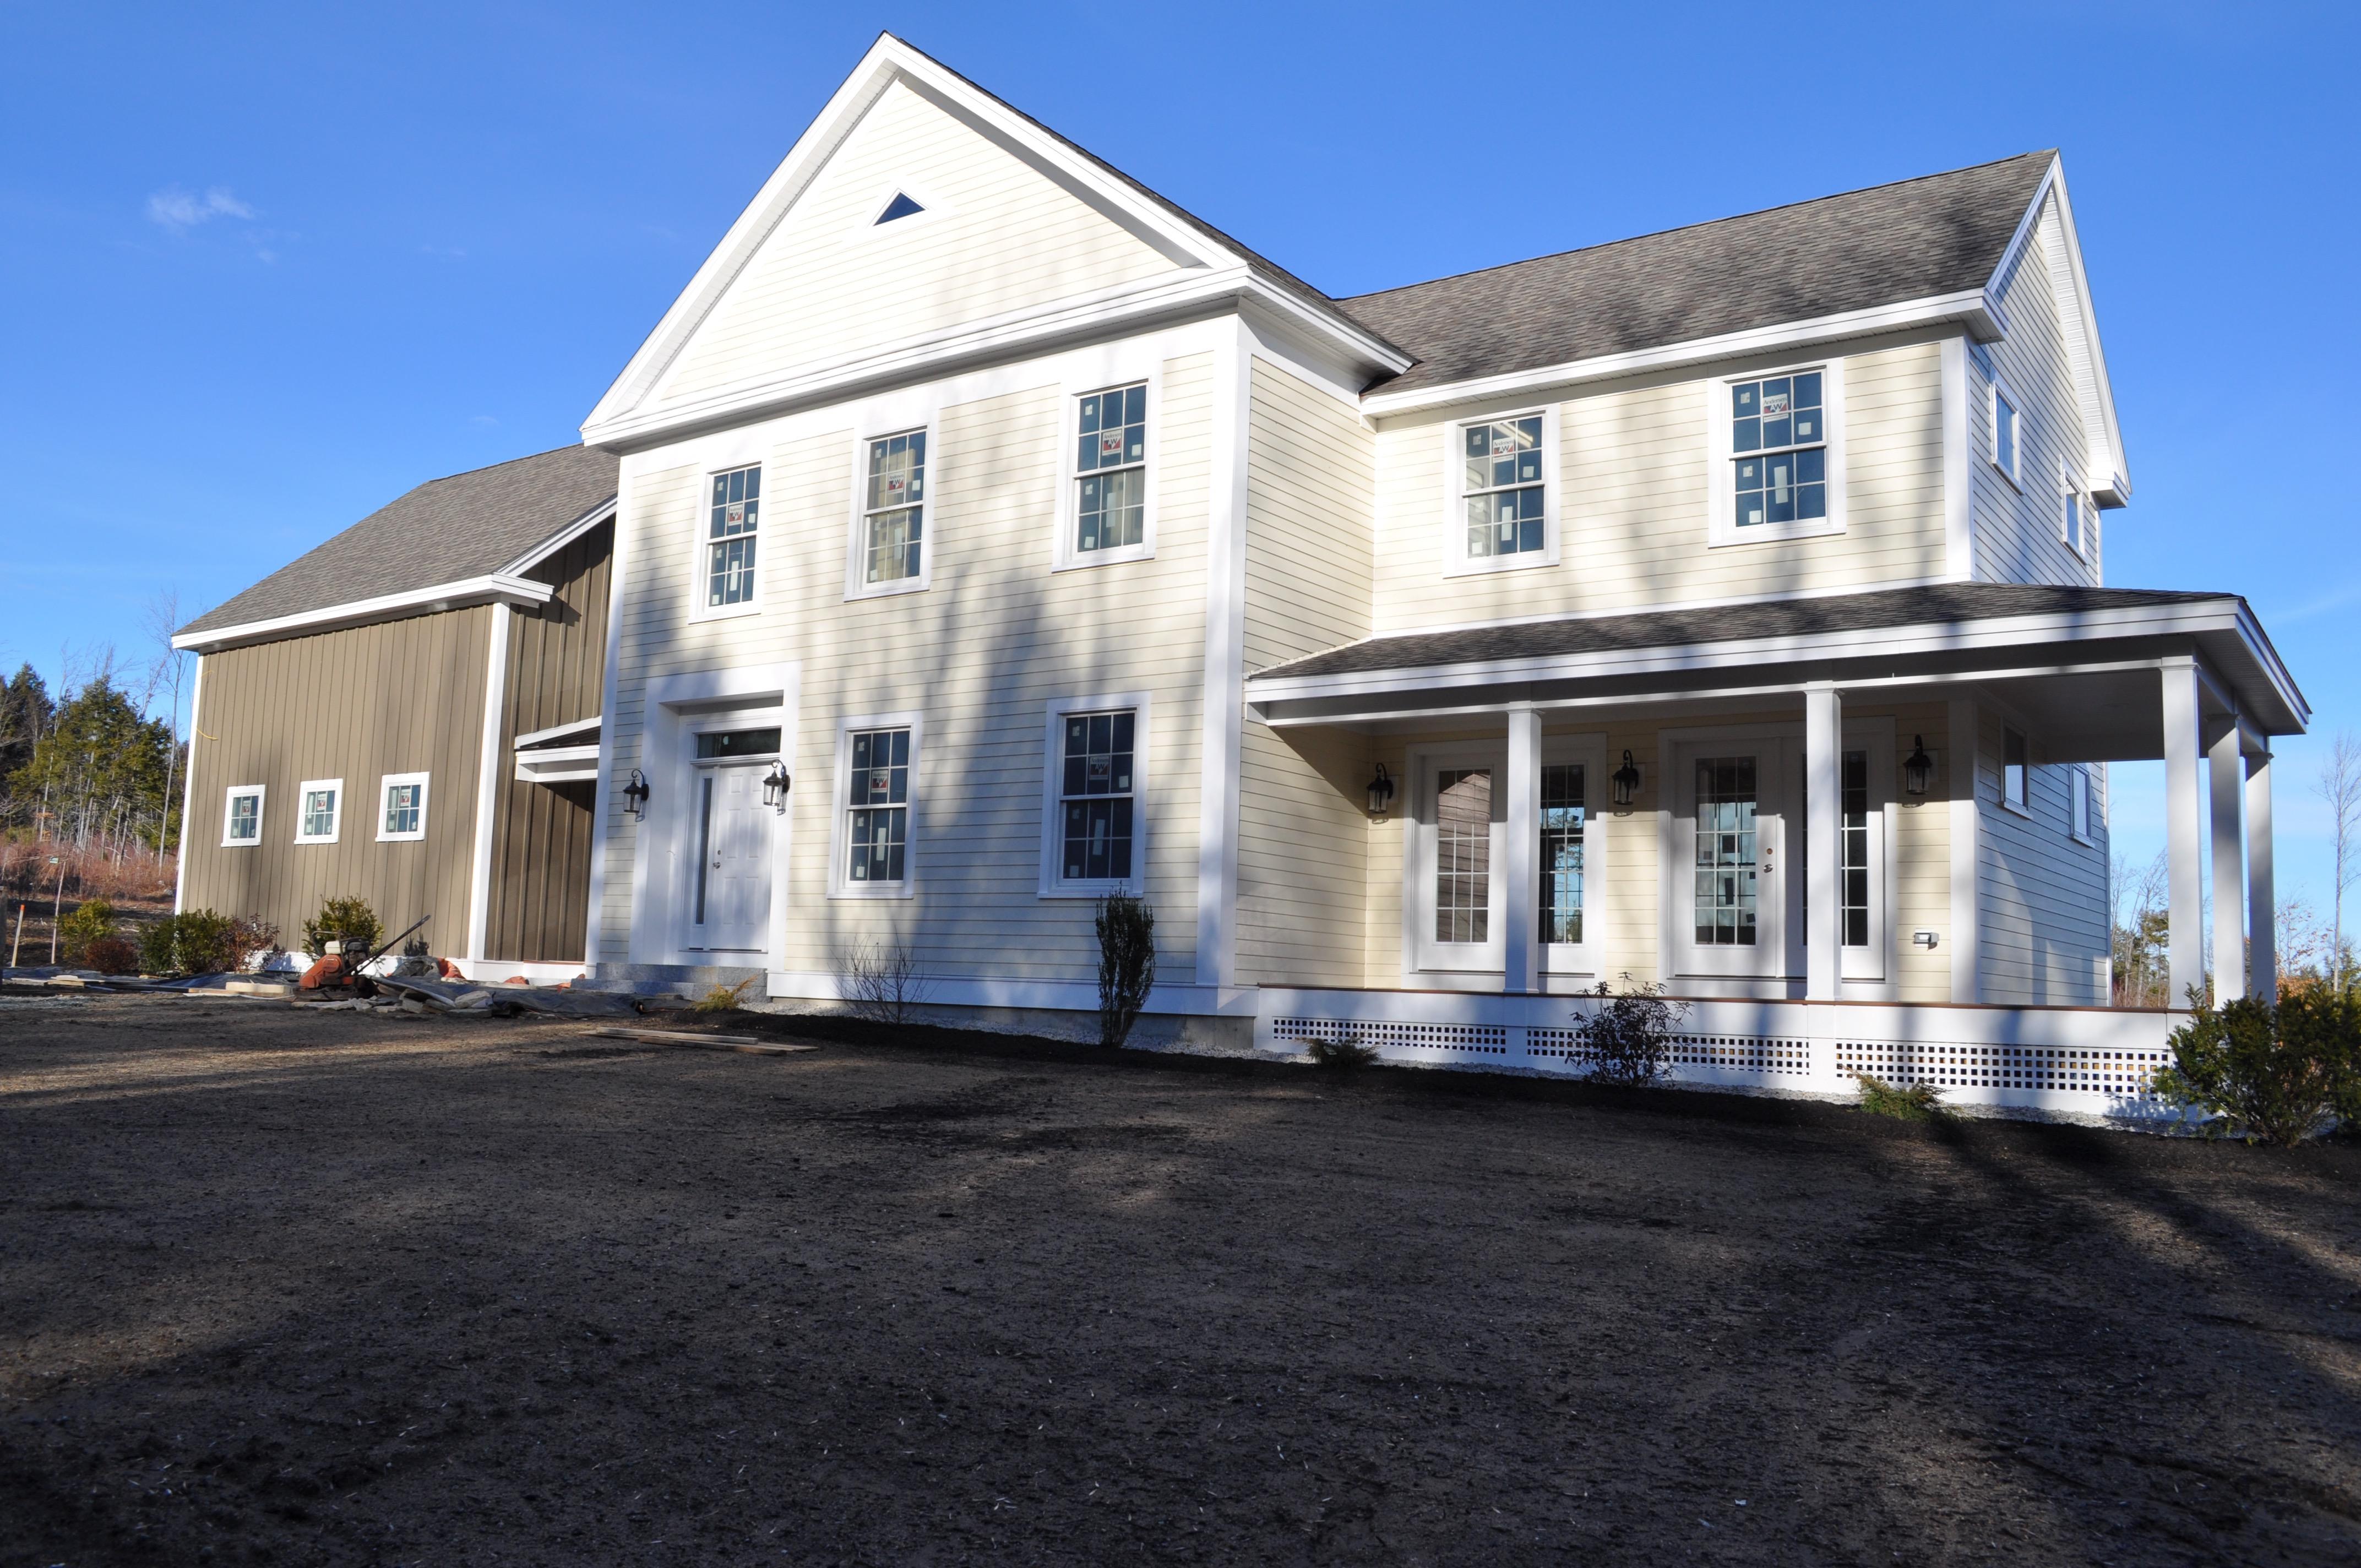 Villa per Vendita alle ore Lot 22-7 Seamans Rd, New London New London, New Hampshire 03257 Stati Uniti